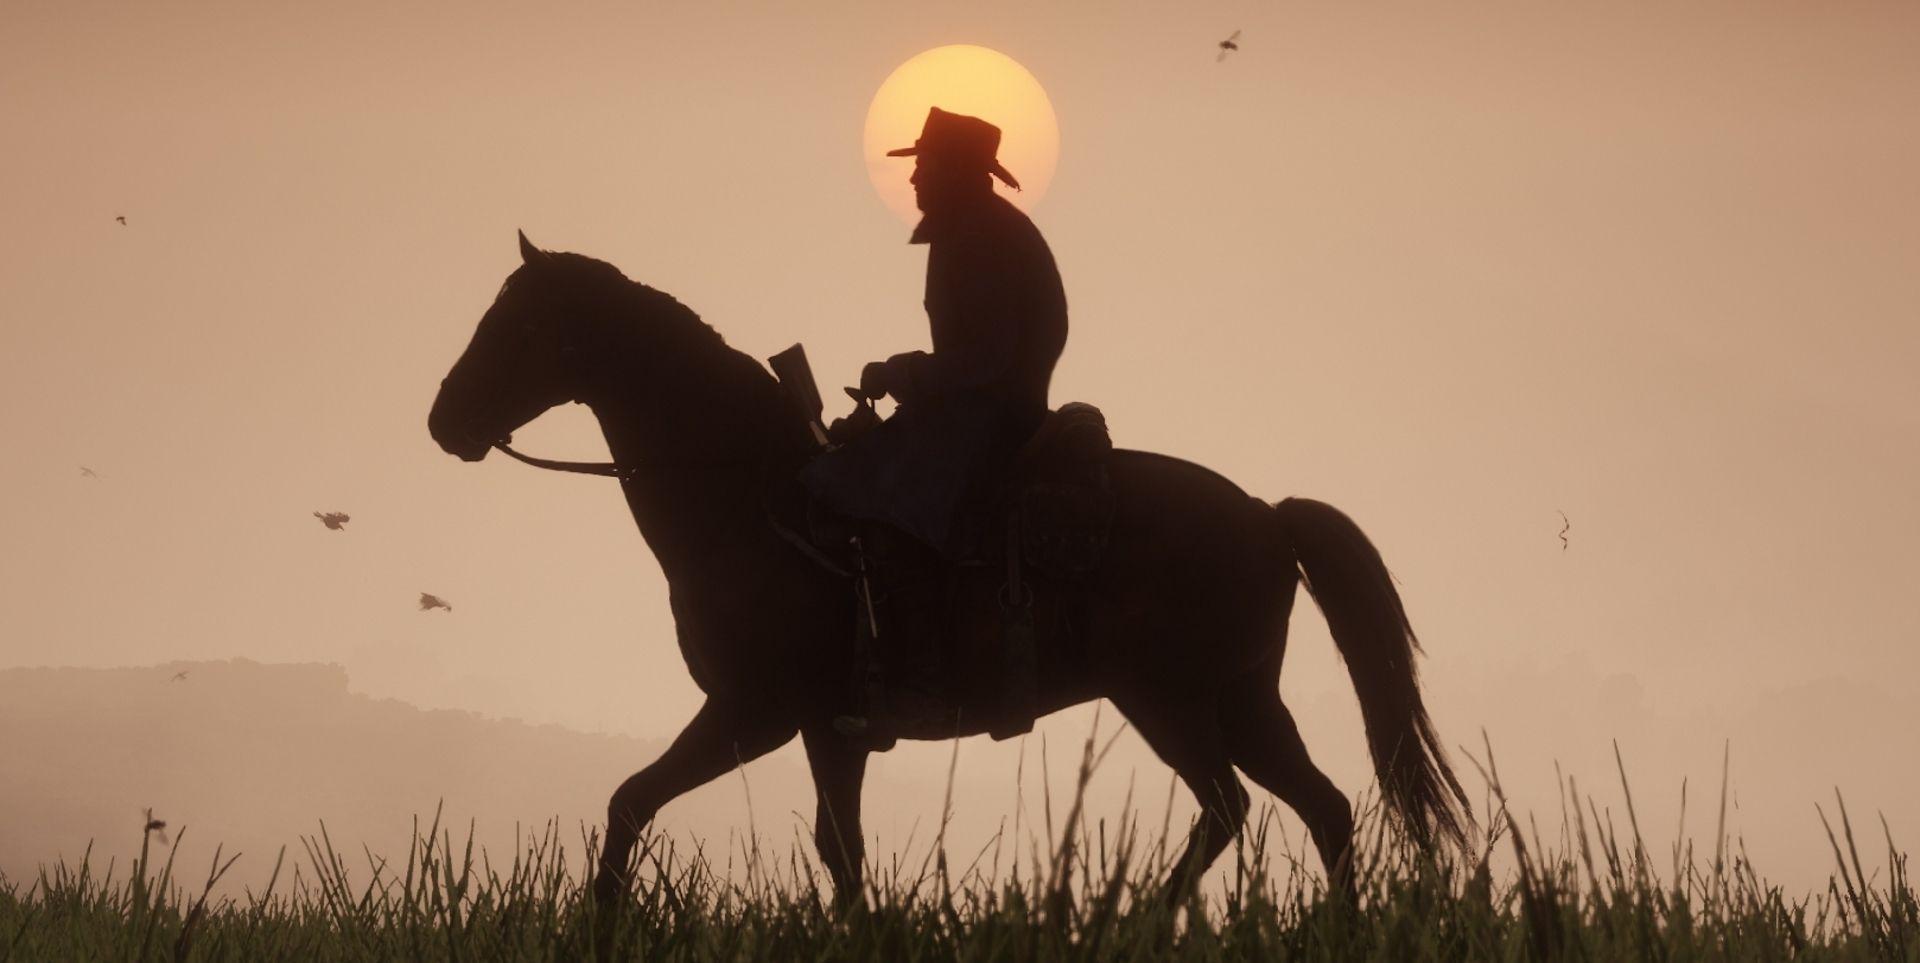 juegos más cinematográficos año red dead redemption 2